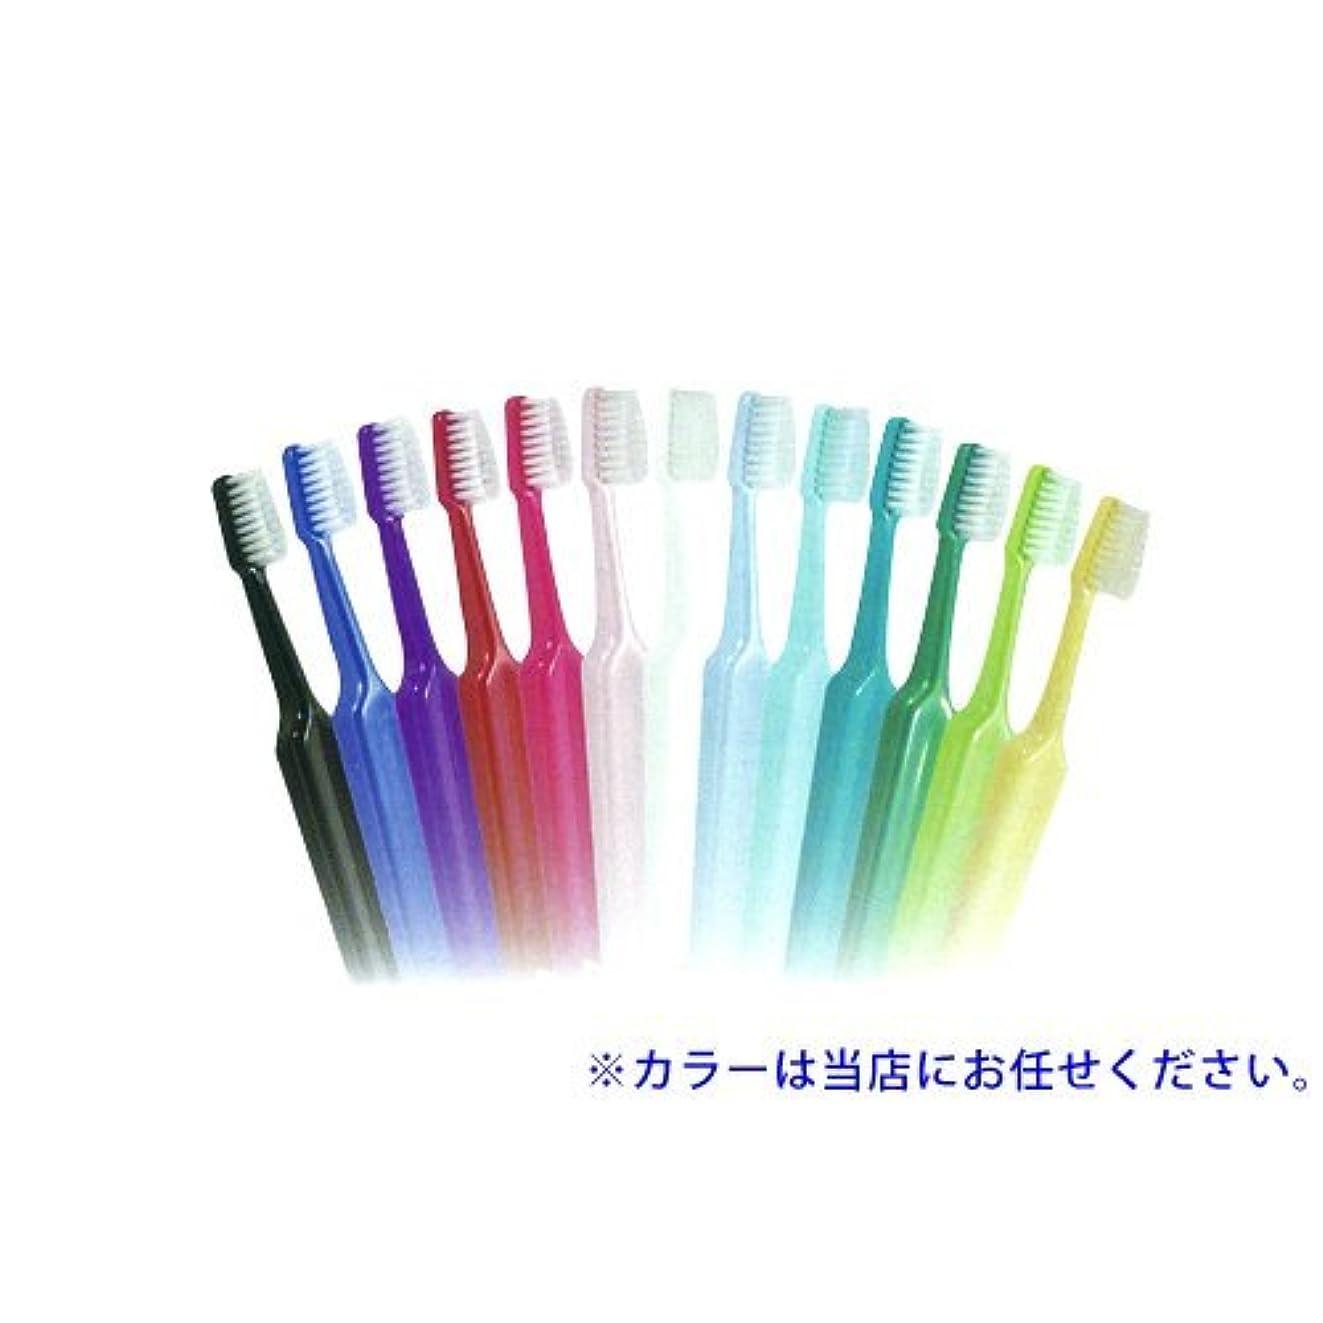 焼く祝うフィラデルフィアクロスフィールド TePe テペ セレクトコンパクト 歯ブラシ 1本 コンパクト ソフト